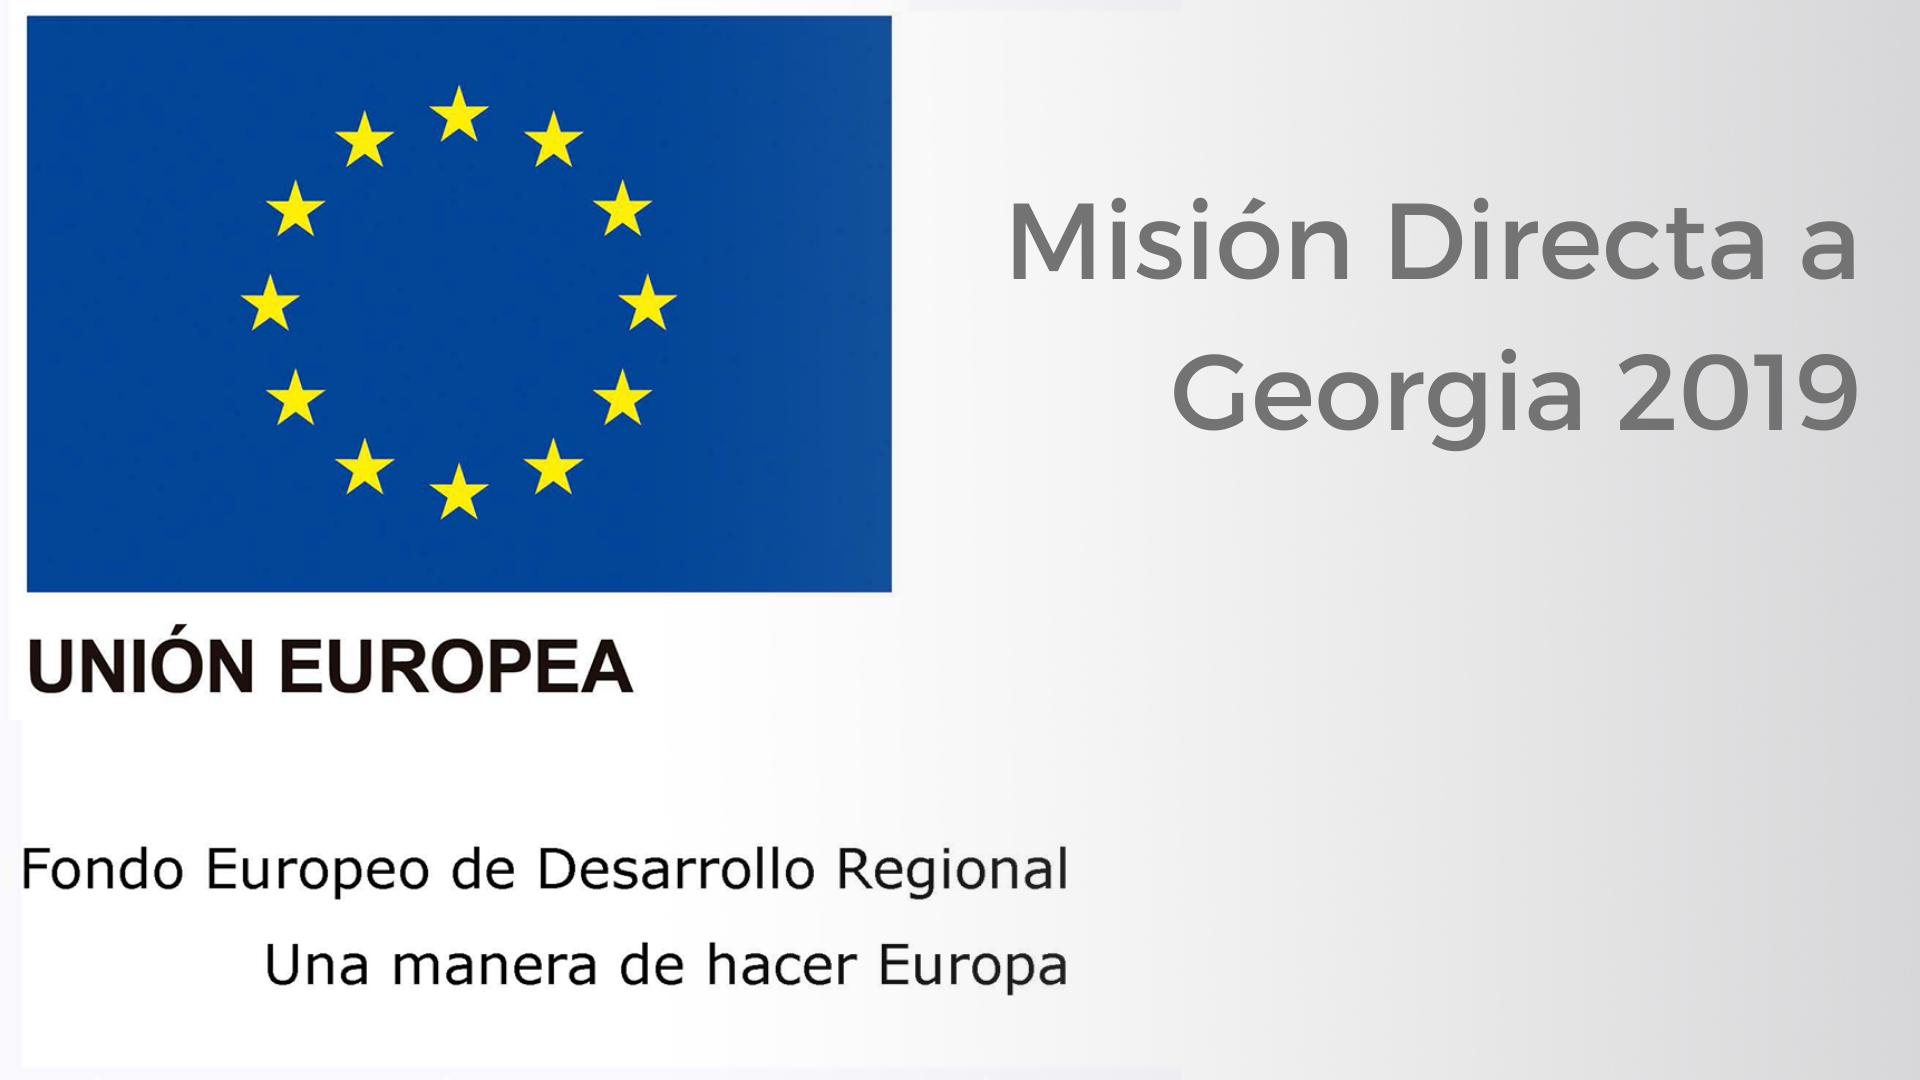 mision directa georgia 2019